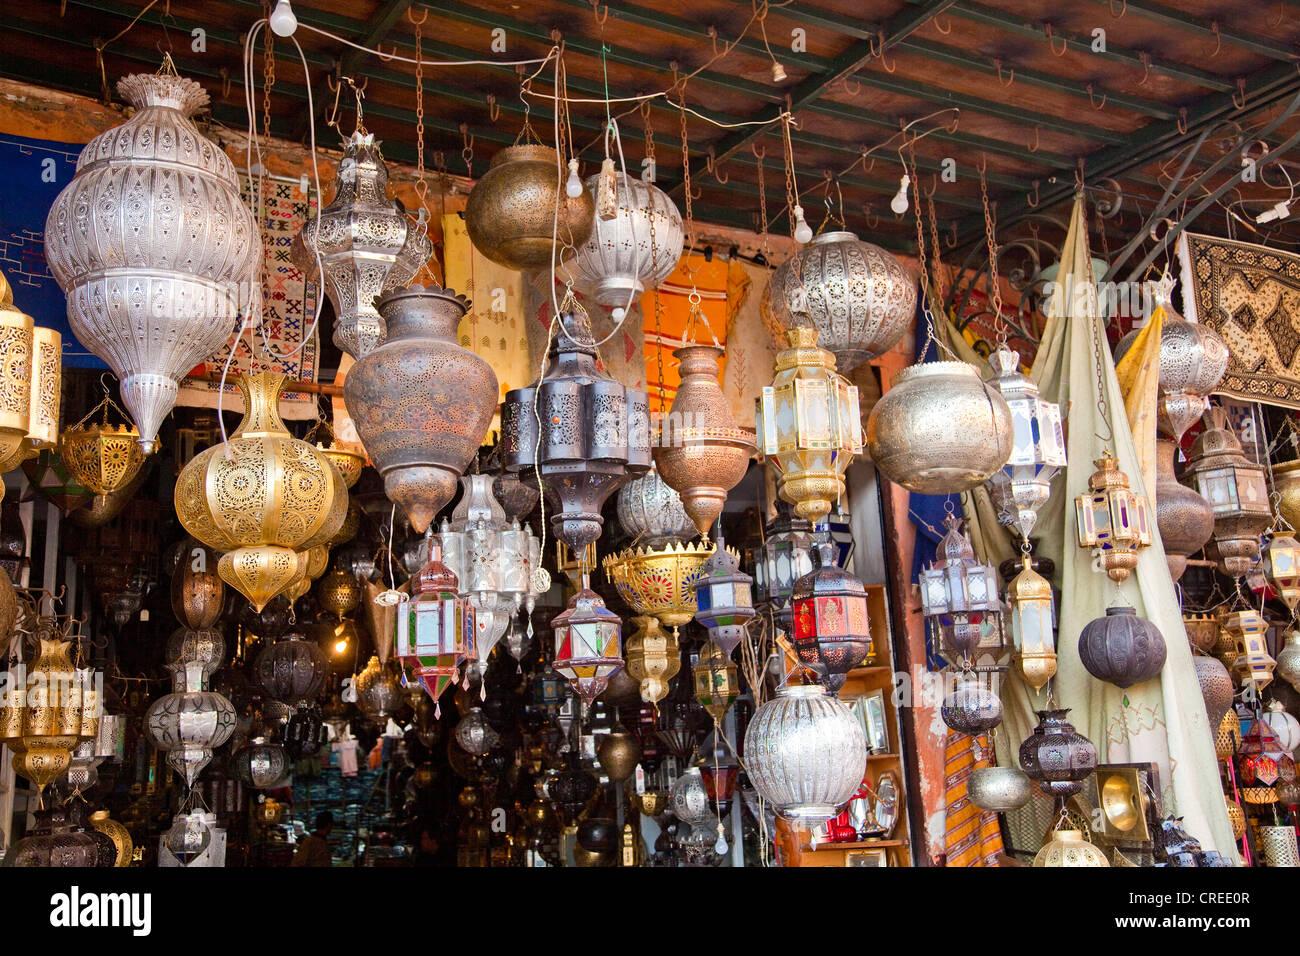 Les lampes et les lanternes marocaines faites de tôle et de fer forgé dans le souk, le marché, dans Photo Stock